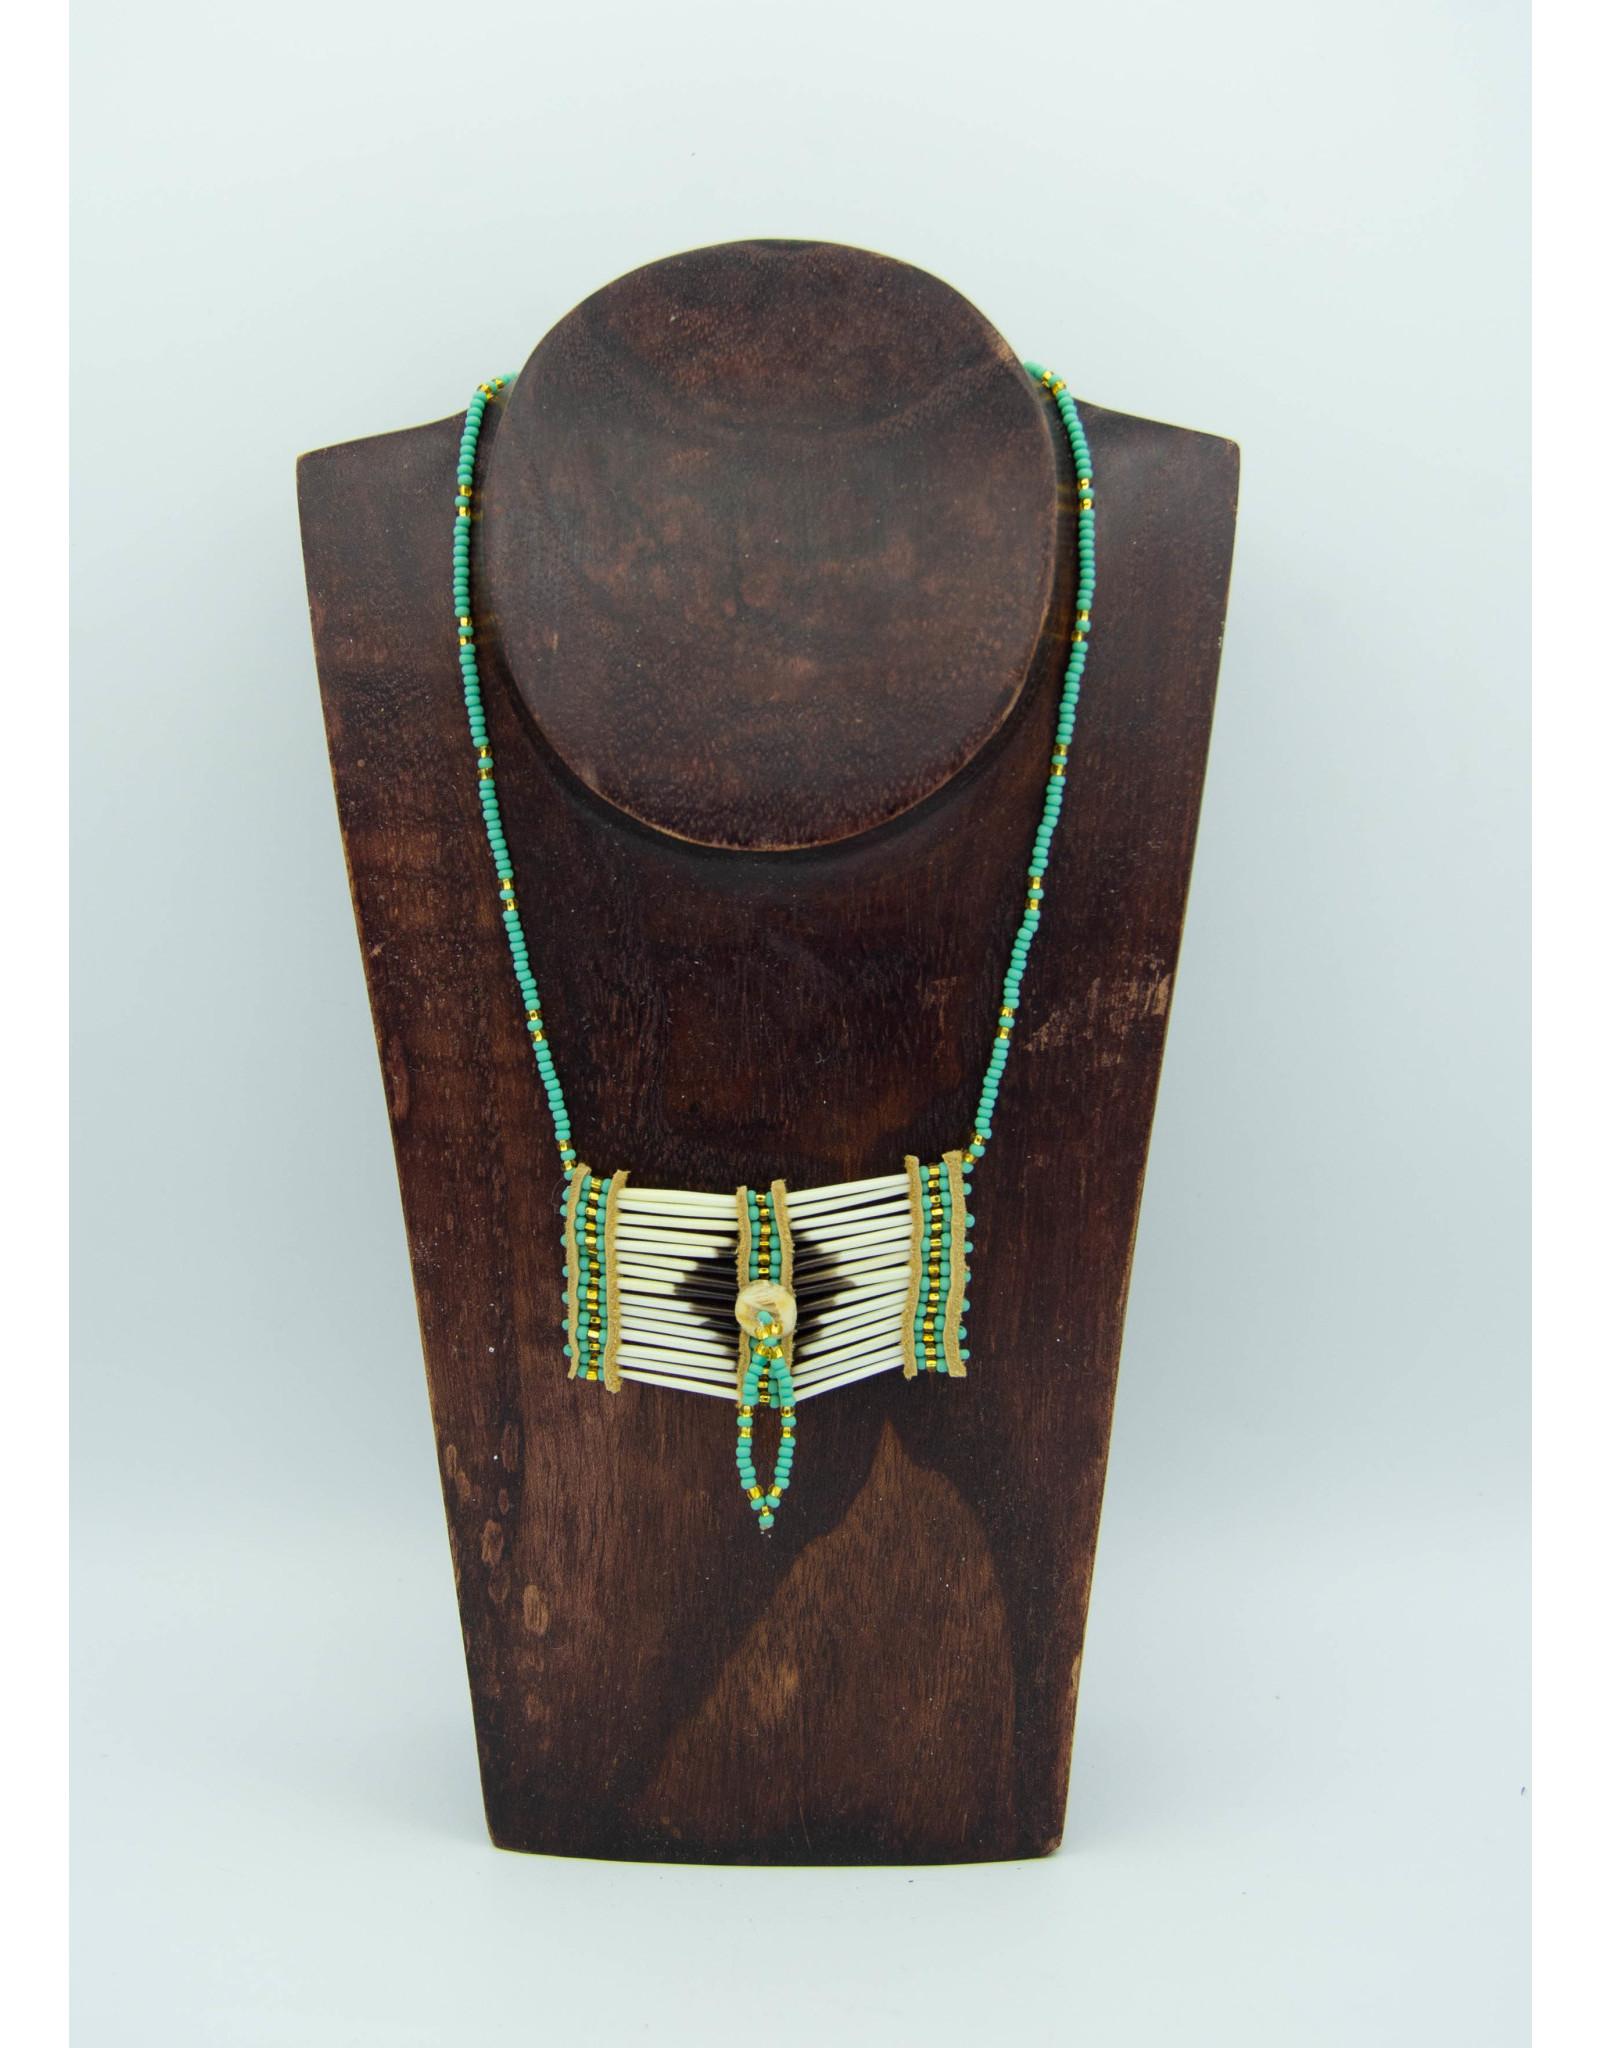 Native Artisan Necklace